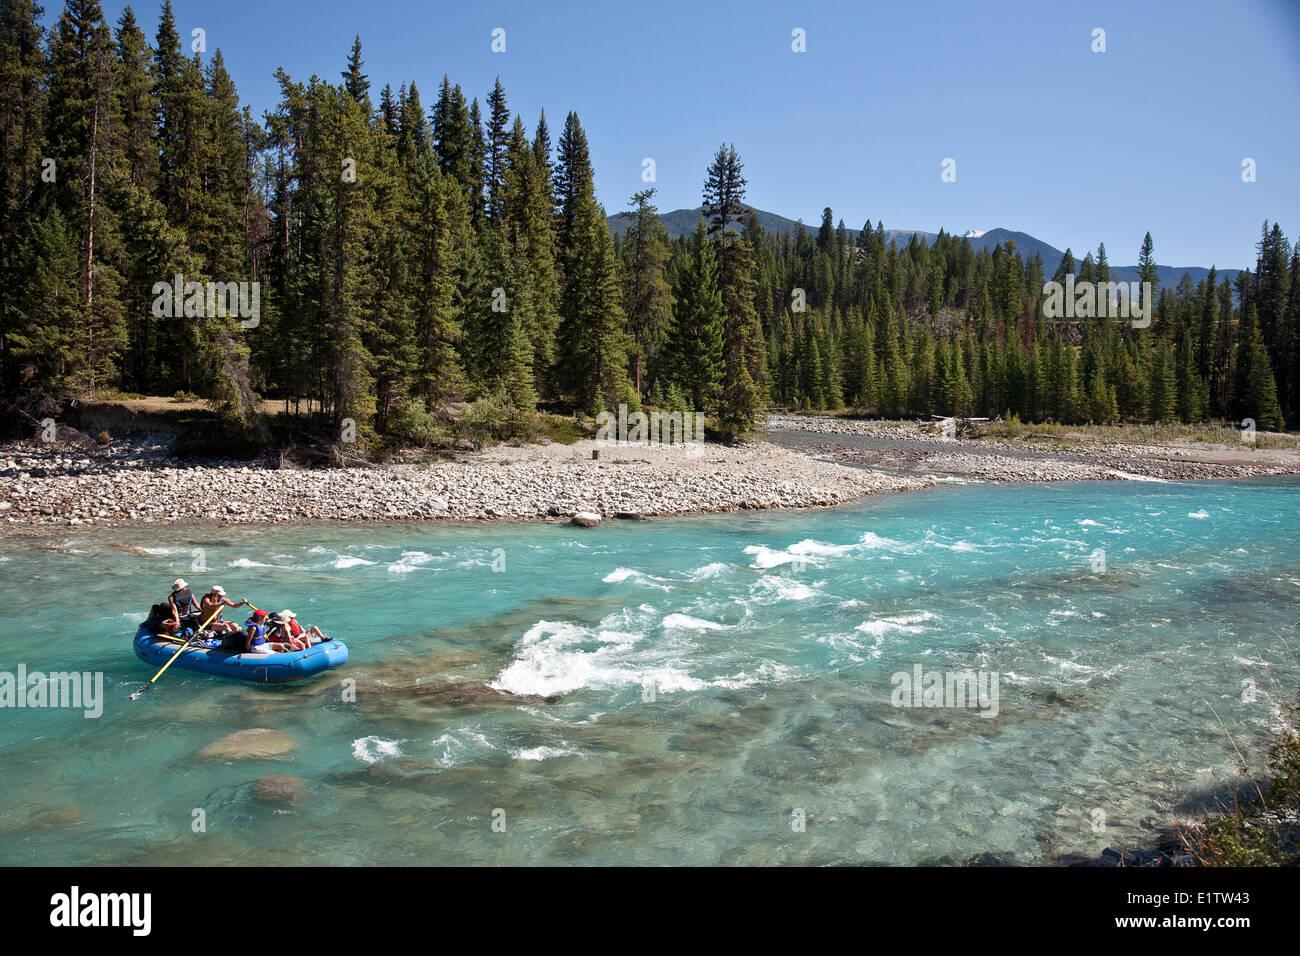 Familia disfrutar de viaje en balsa por el Río Kootenay, Parque Nacional de Kootenay, BC, Canadá. Imagen De Stock